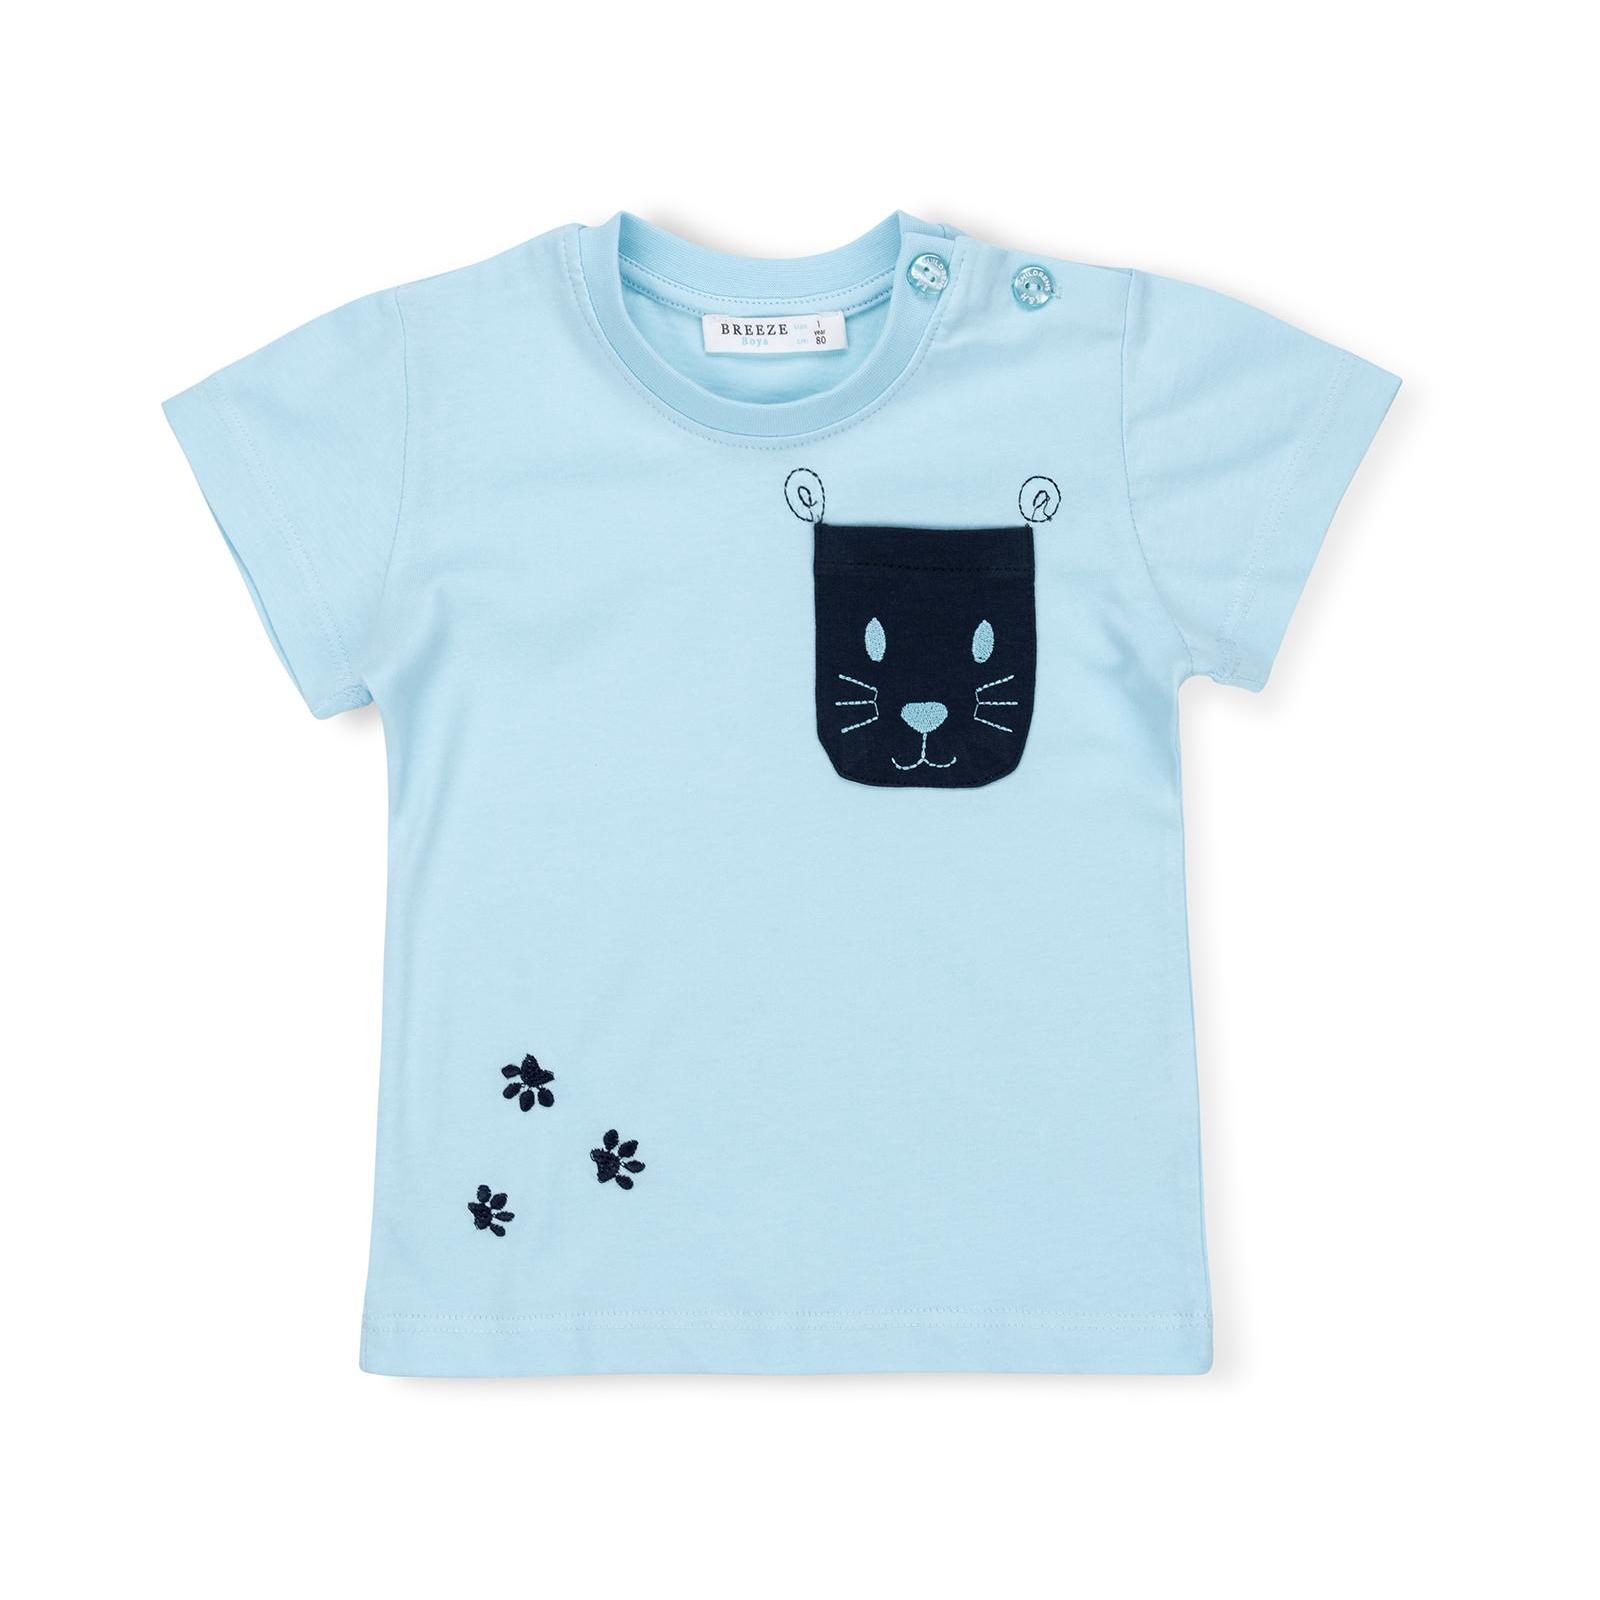 Набор детской одежды Breeze с карманчиками (10234-92G-blue) изображение 2